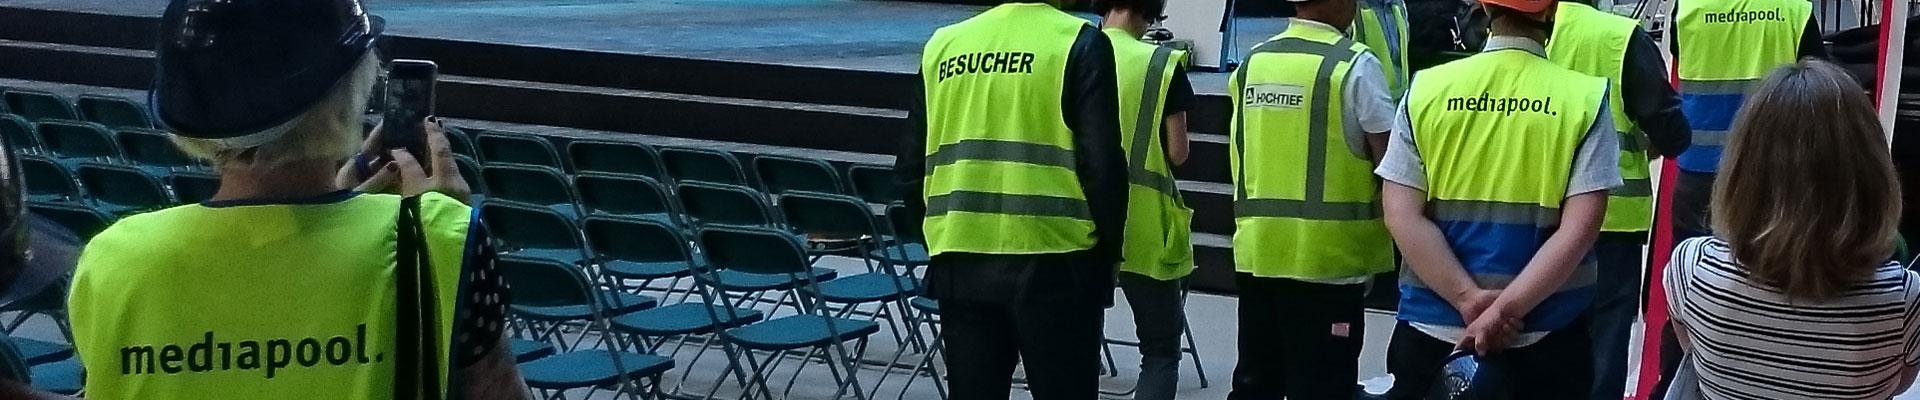 Rückenansicht von mediapool-MitarbeiterInnen mit neongrünen Schutzwesten.